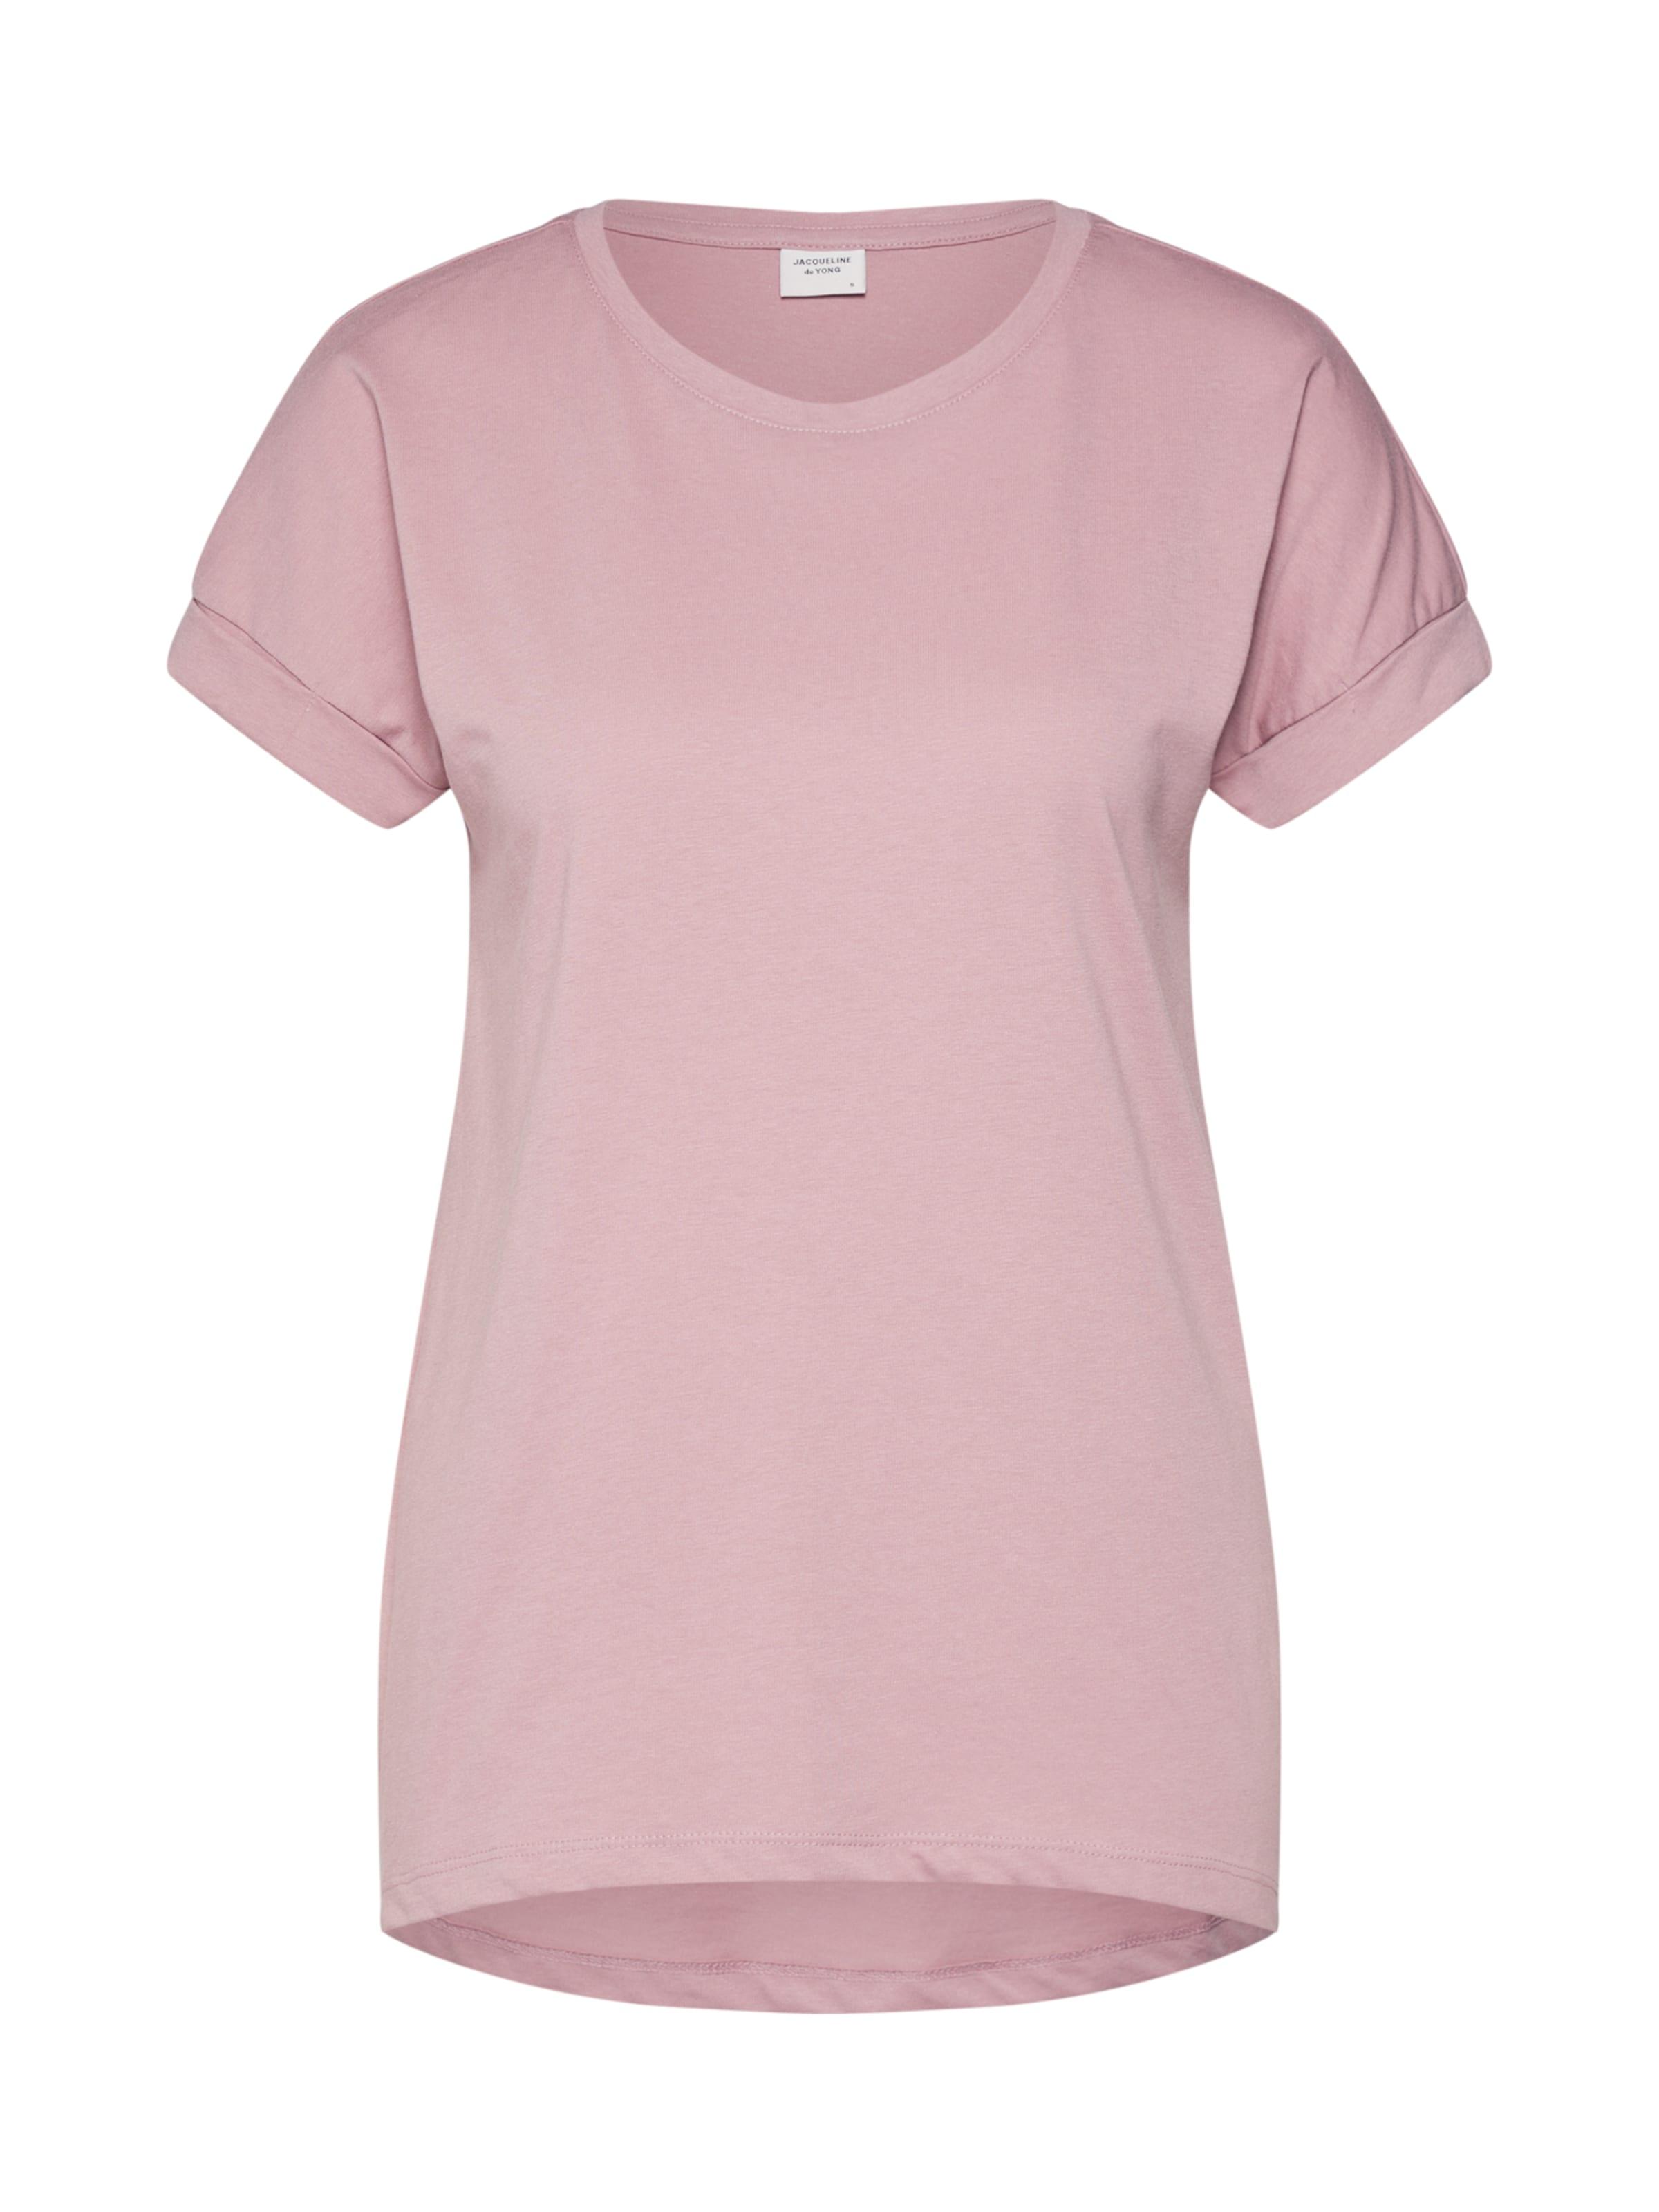 T shirt Yong Noir En De Jacqueline 34AcqR5Lj